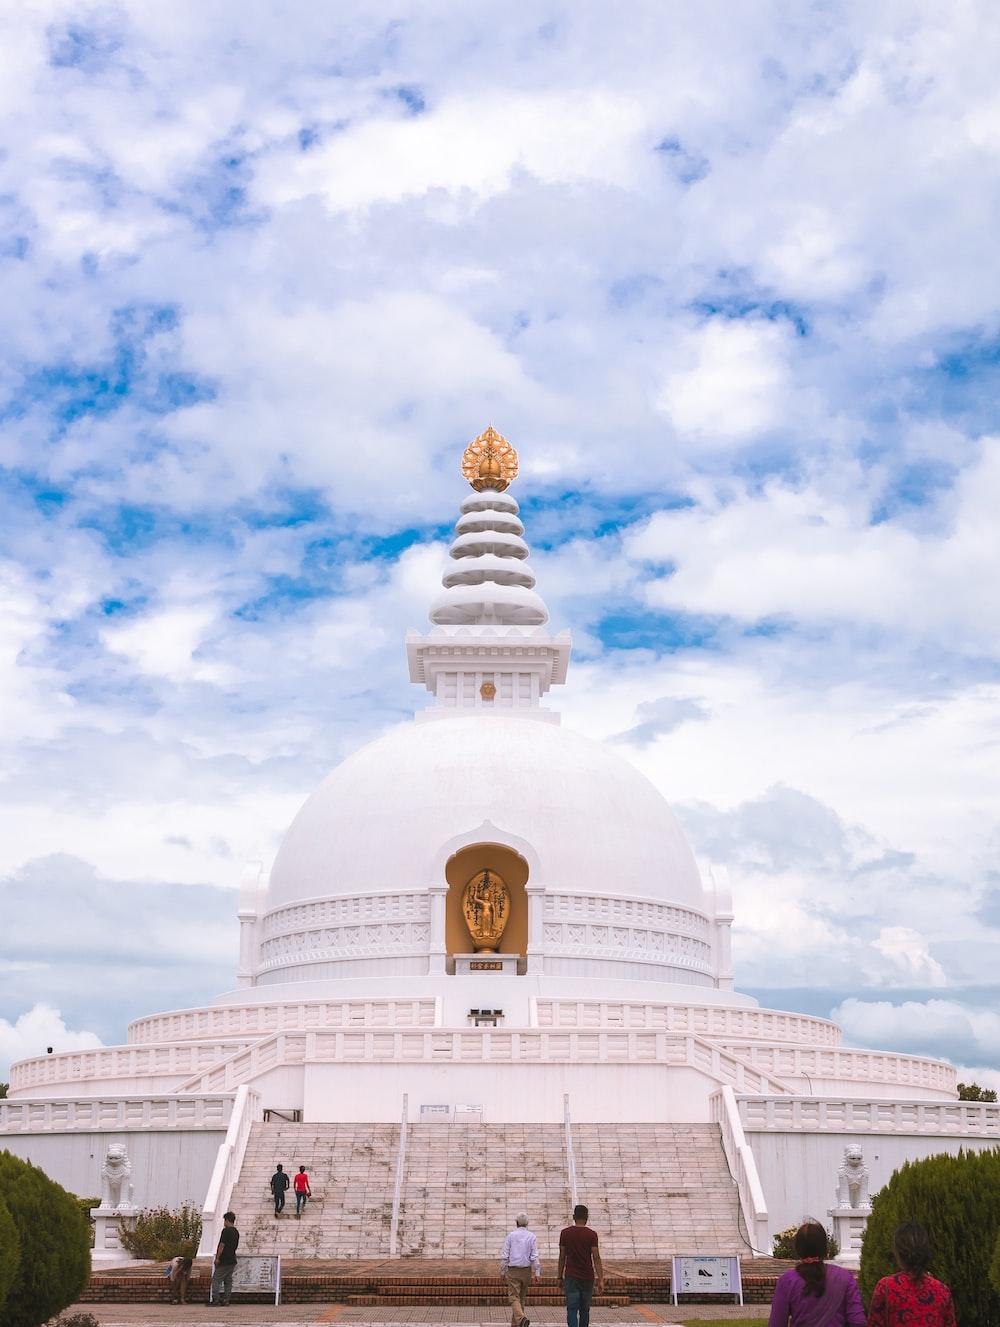 white dome building